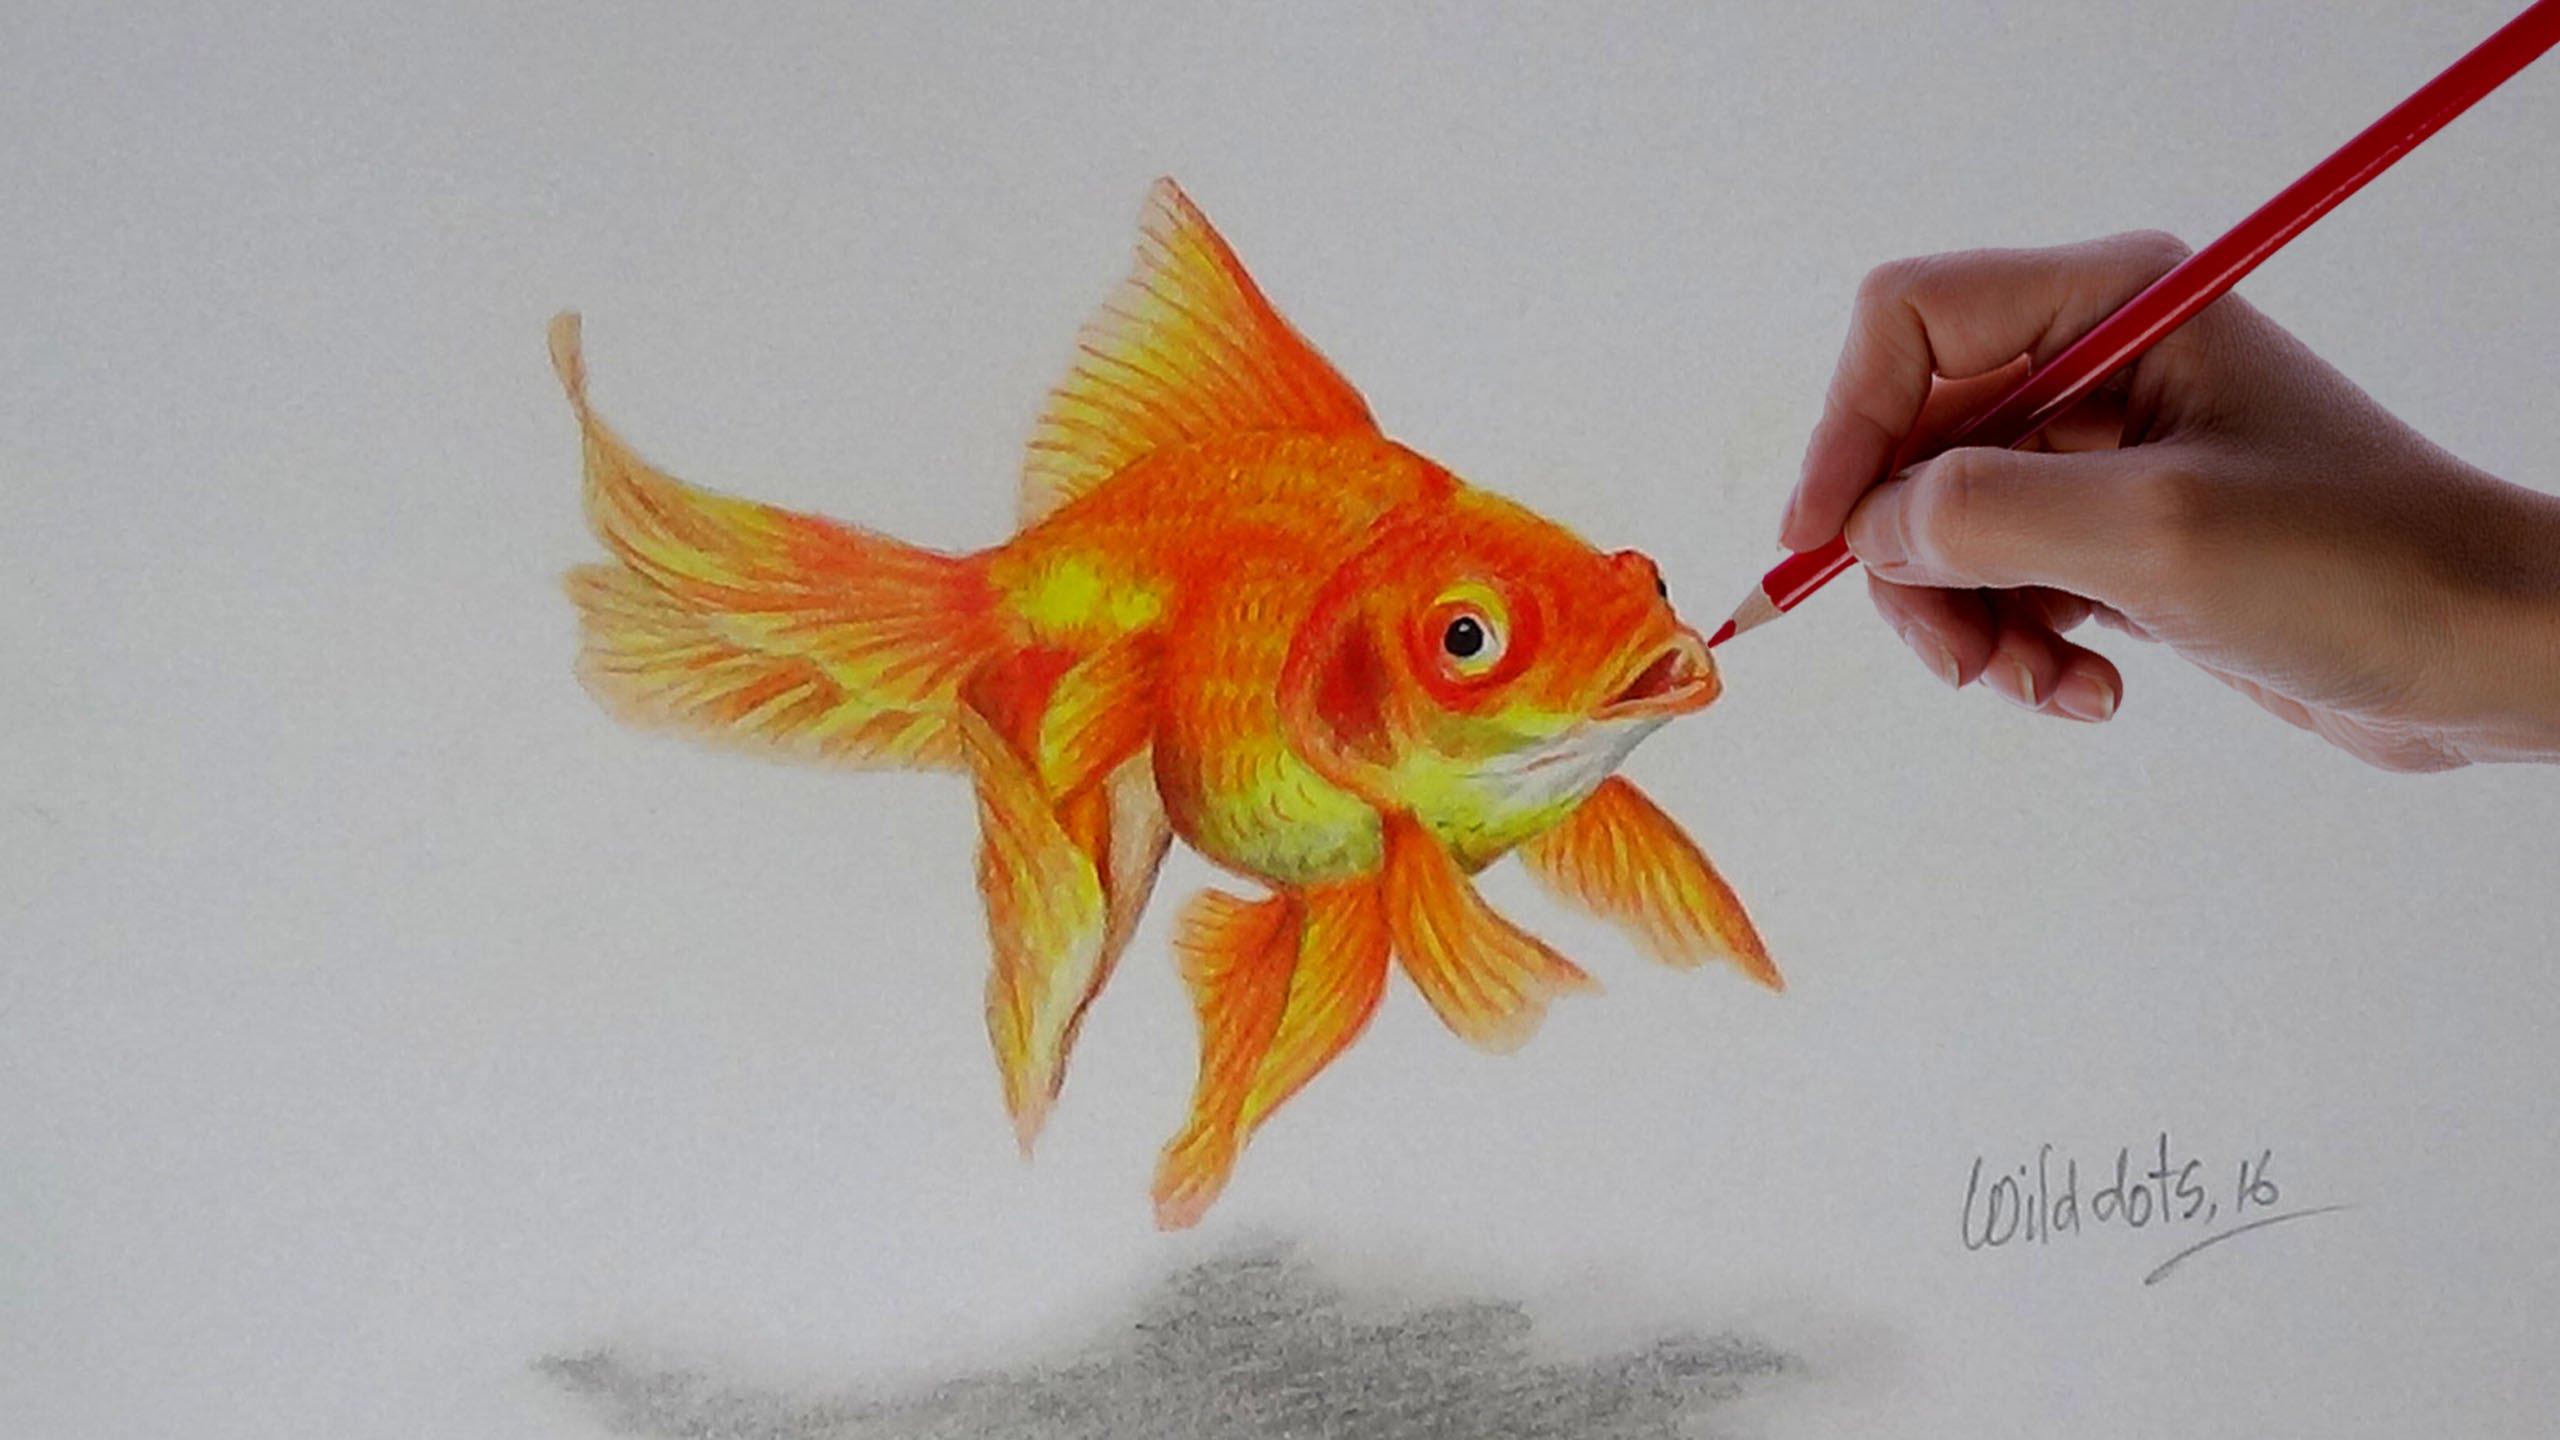 2560x1440 Gold Fish